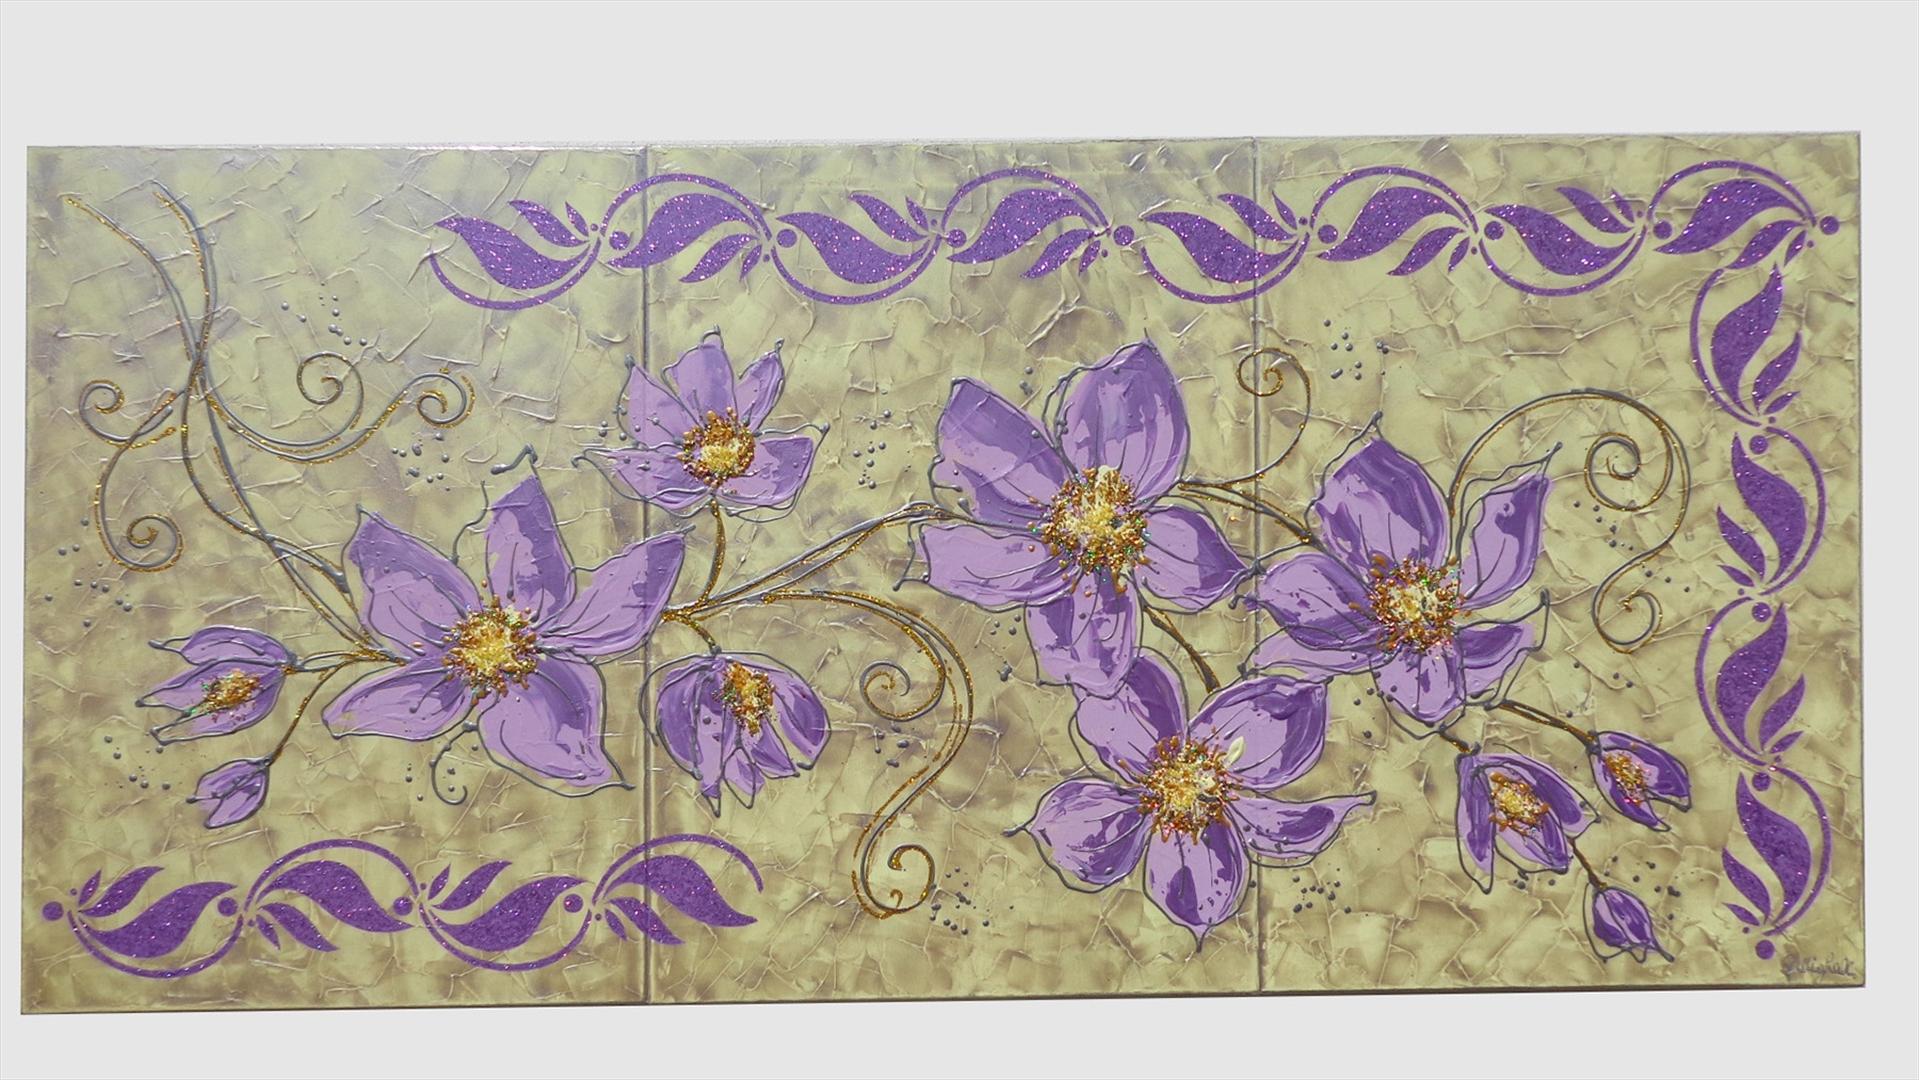 Stelo di fiori lilla vendita quadri online quadri moderni quadri astratti quadri - Dipinti camera da letto ...